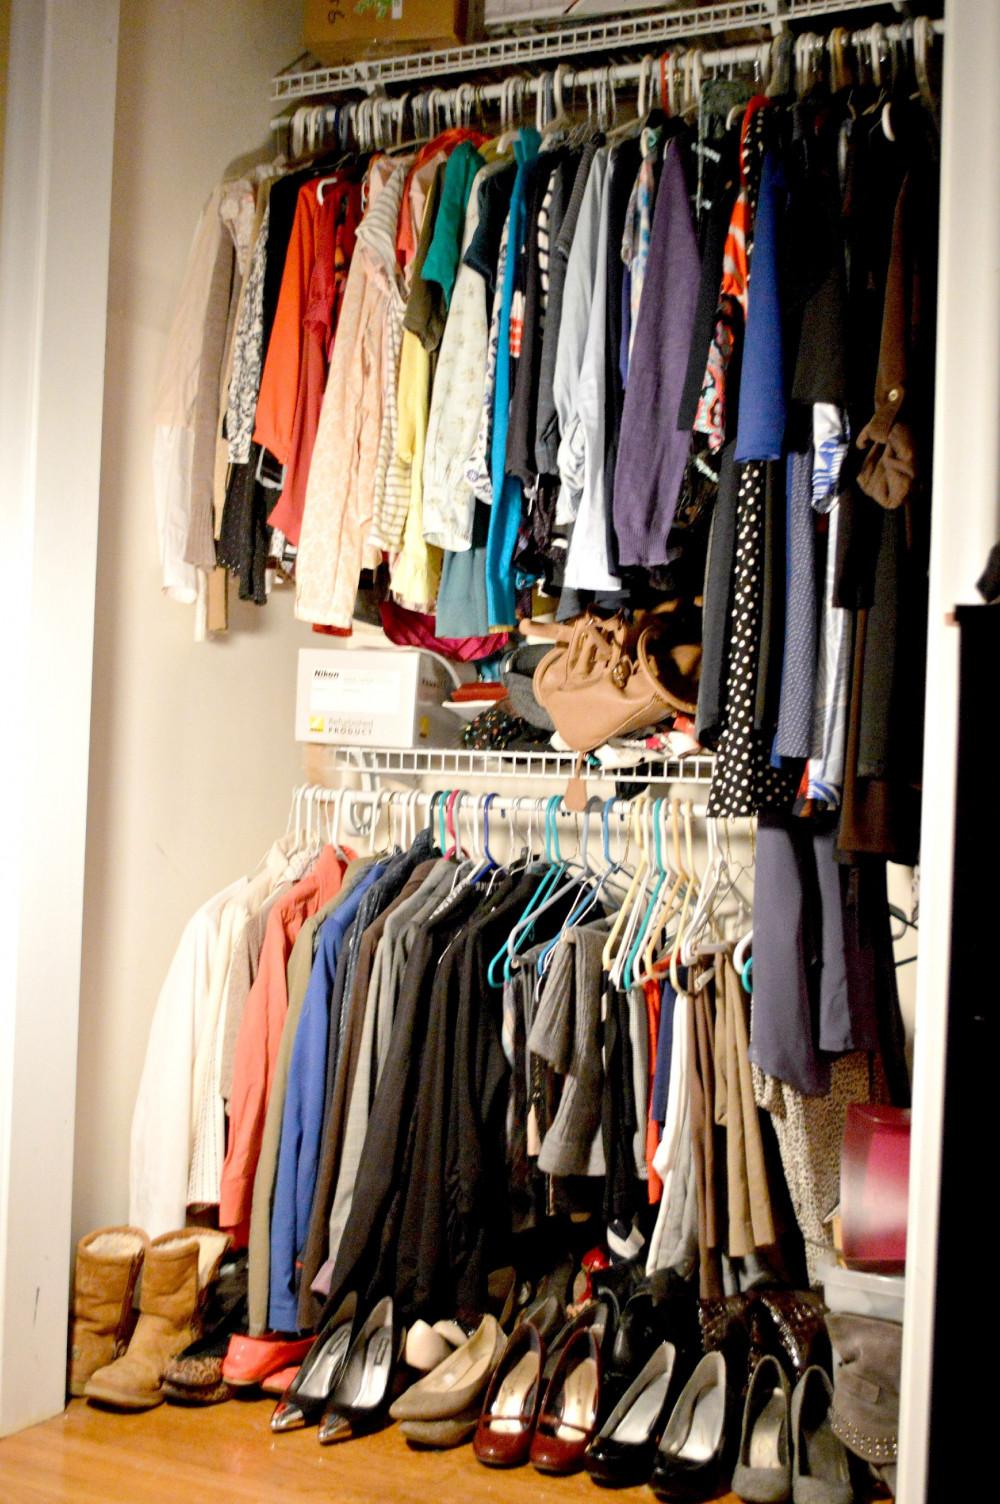 Trong tủ quần áp có bao nhiêu thứ từ khi mua về  bạn mới chỉ mặc một vài lfan, thậm chí chưa mặc lần nào?